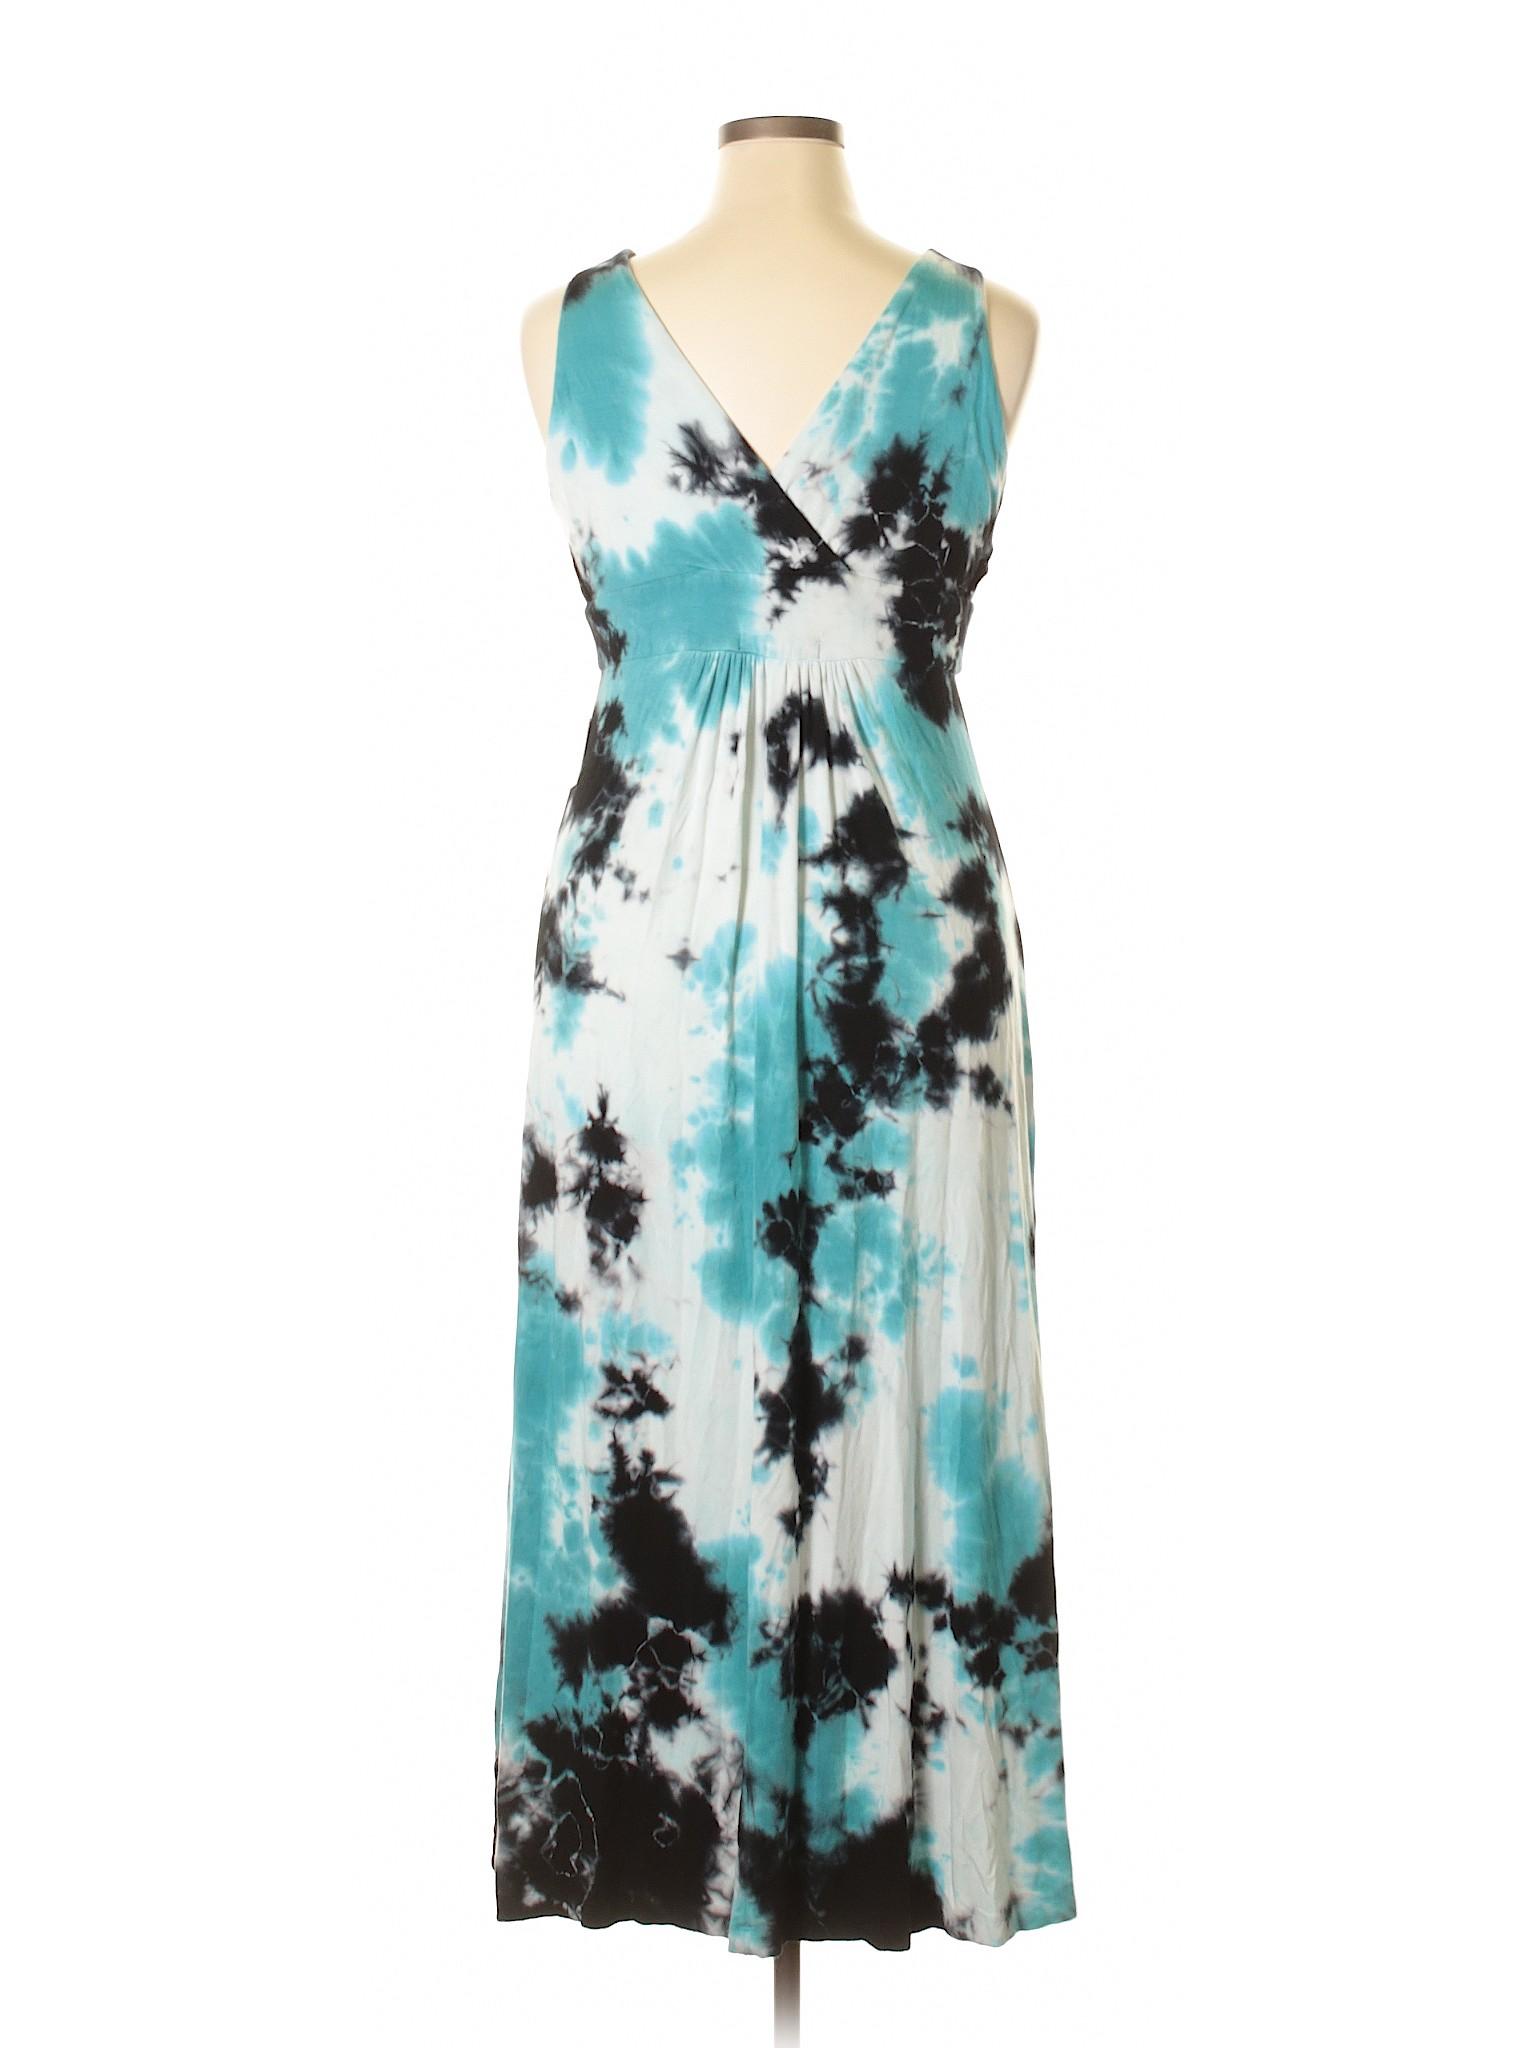 Boutique Dress Karen winter Casual Kane P0wa7qvP4